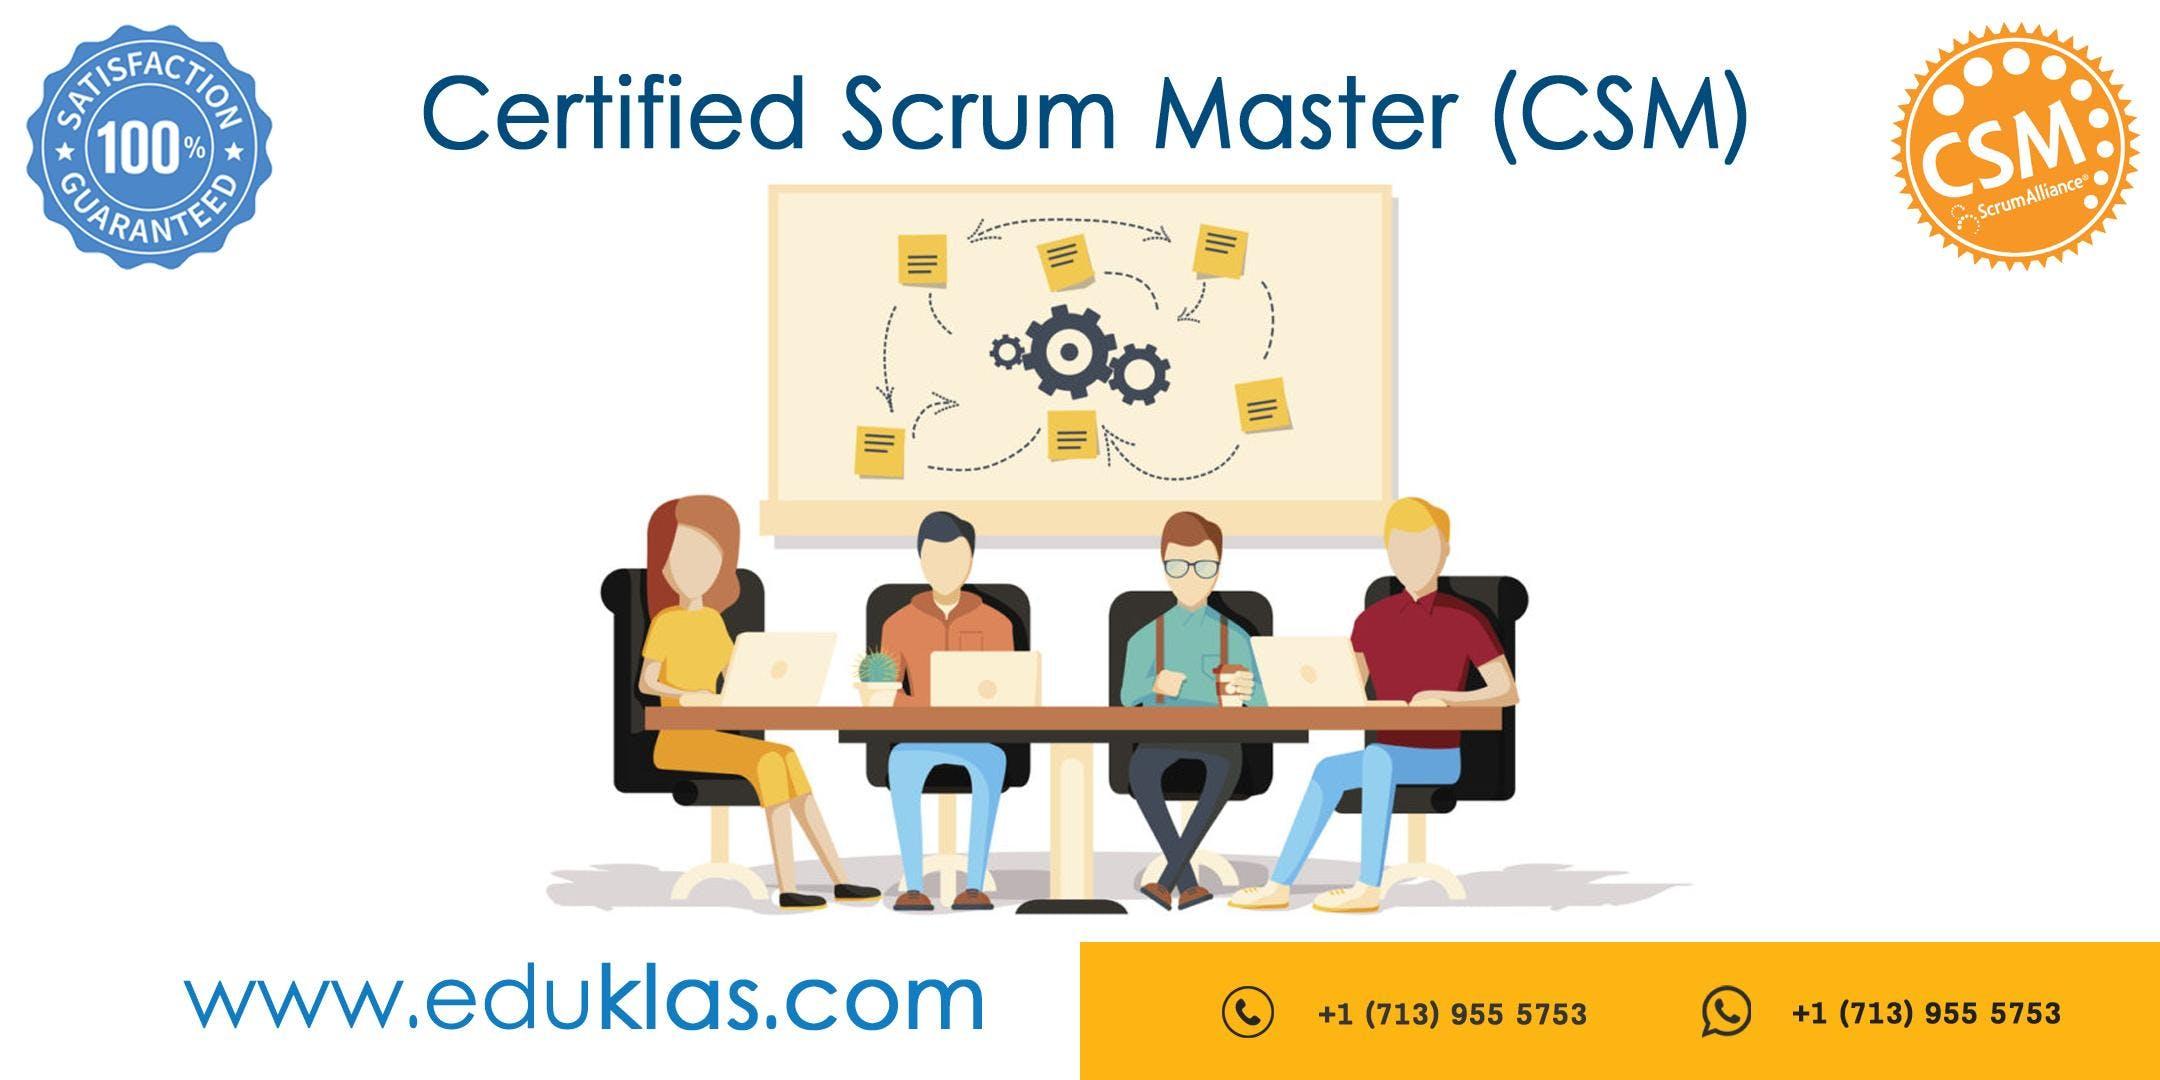 Scrum Master Certification   CSM Training   C